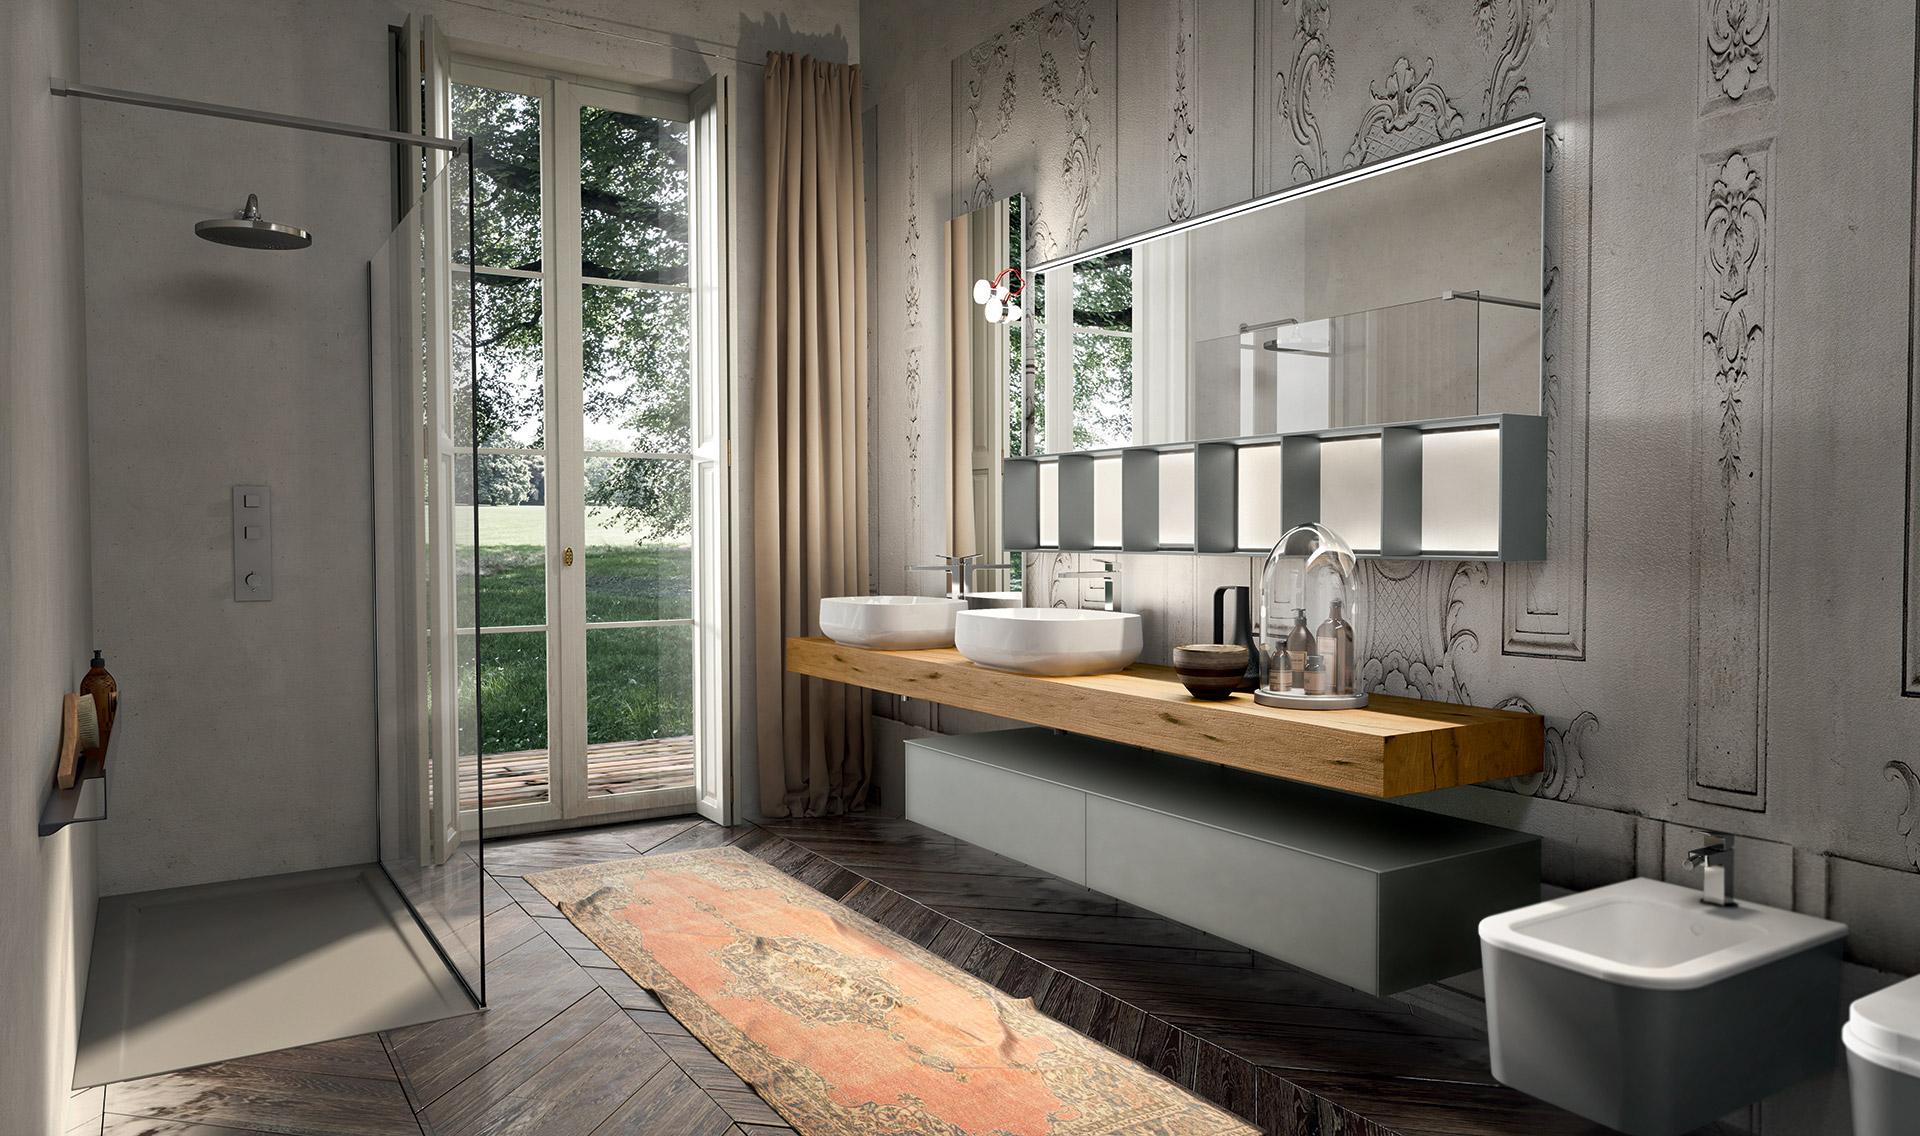 Arredobagno il tuo bagno moderno elegante classico - Bagno rustico moderno ...